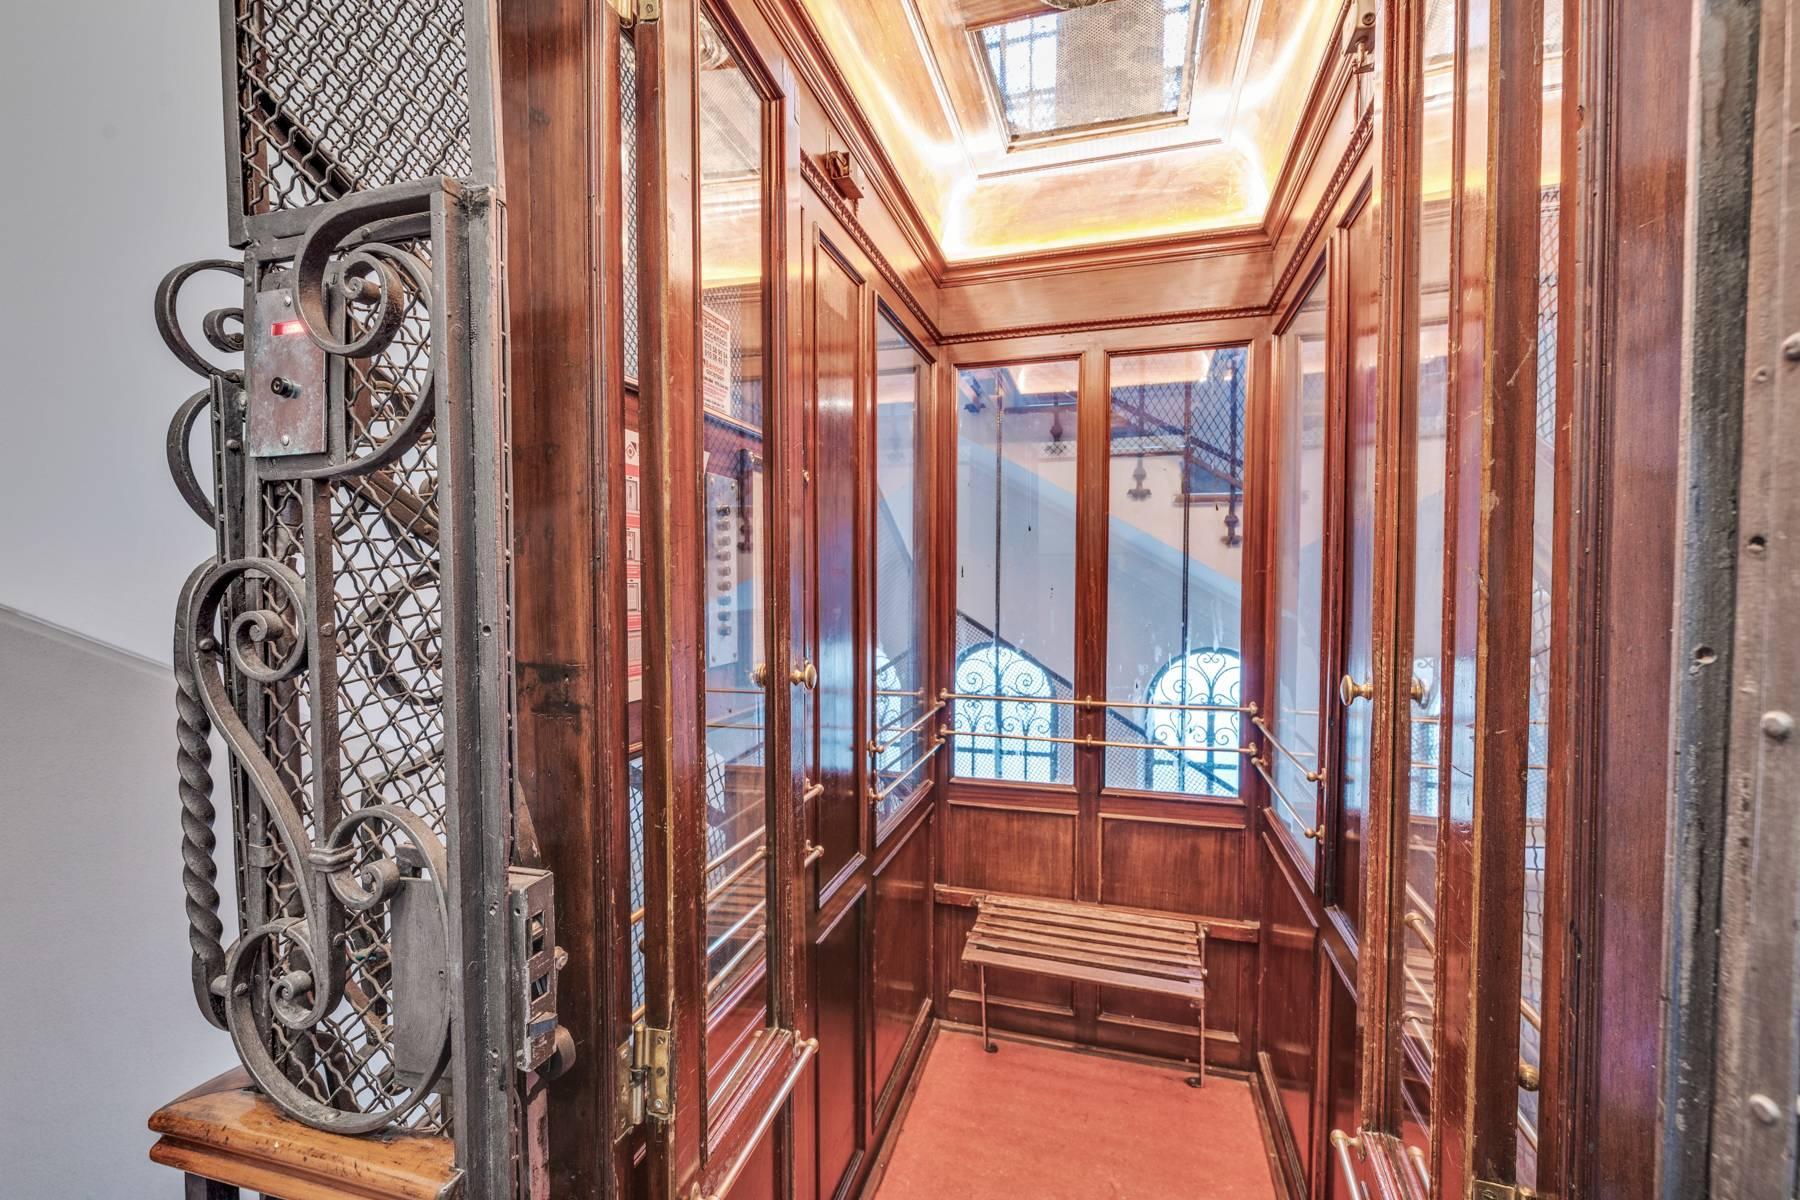 Elegante 275 qm Wohnung im antiken Palast in Carignano - 29